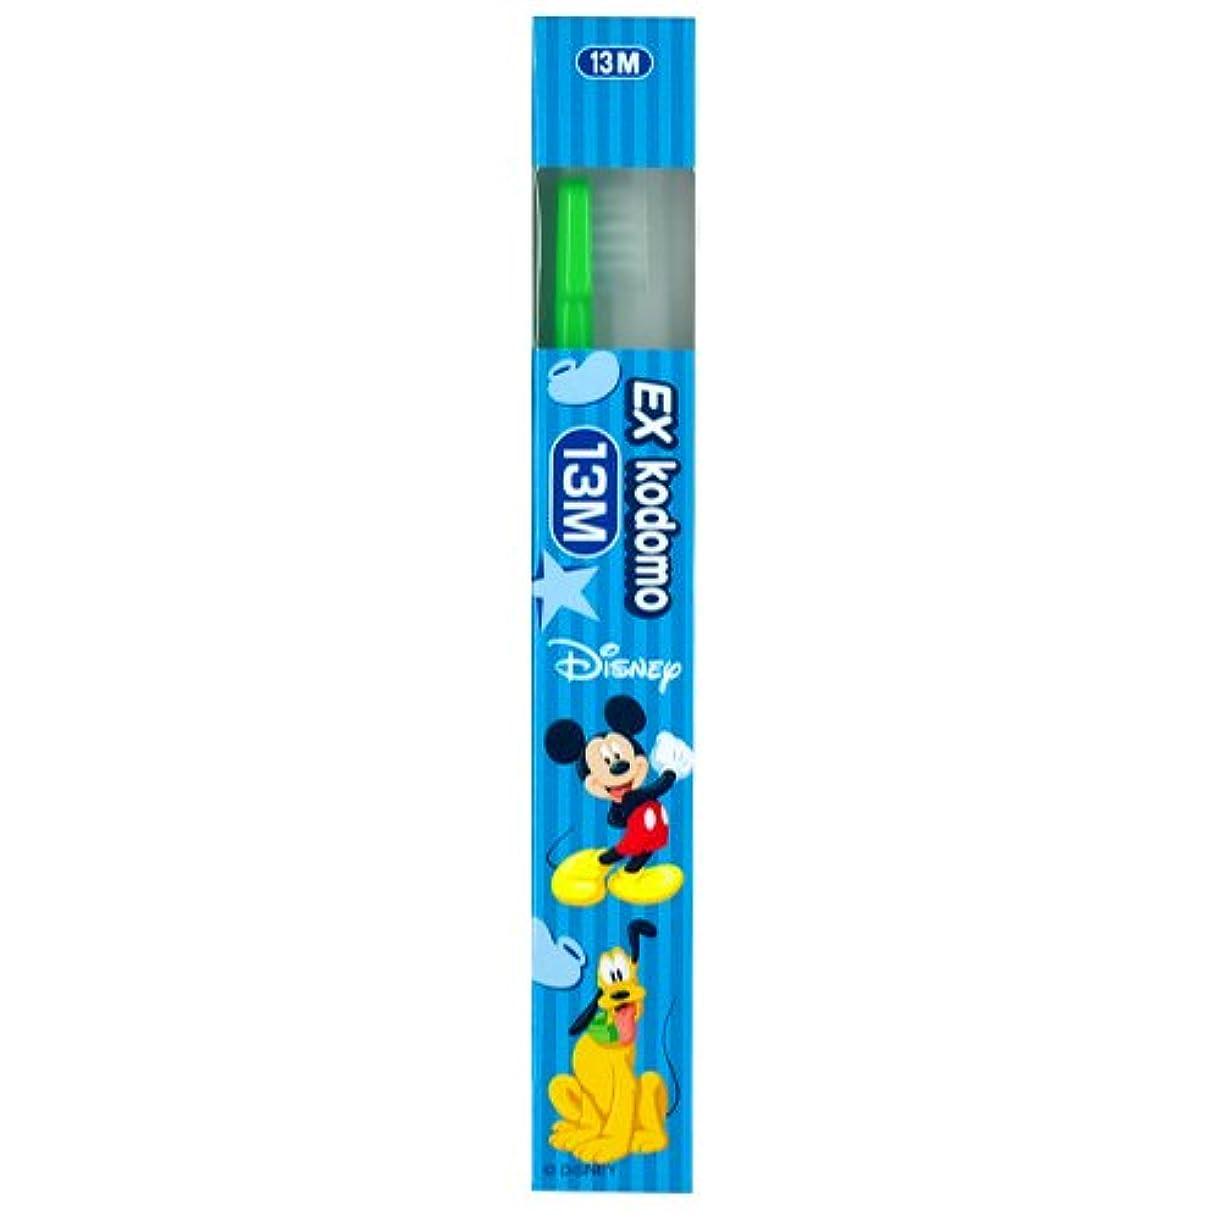 薬用もっともらしいライラックライオン EX kodomo ディズニー 歯ブラシ 1本 13M グリーン